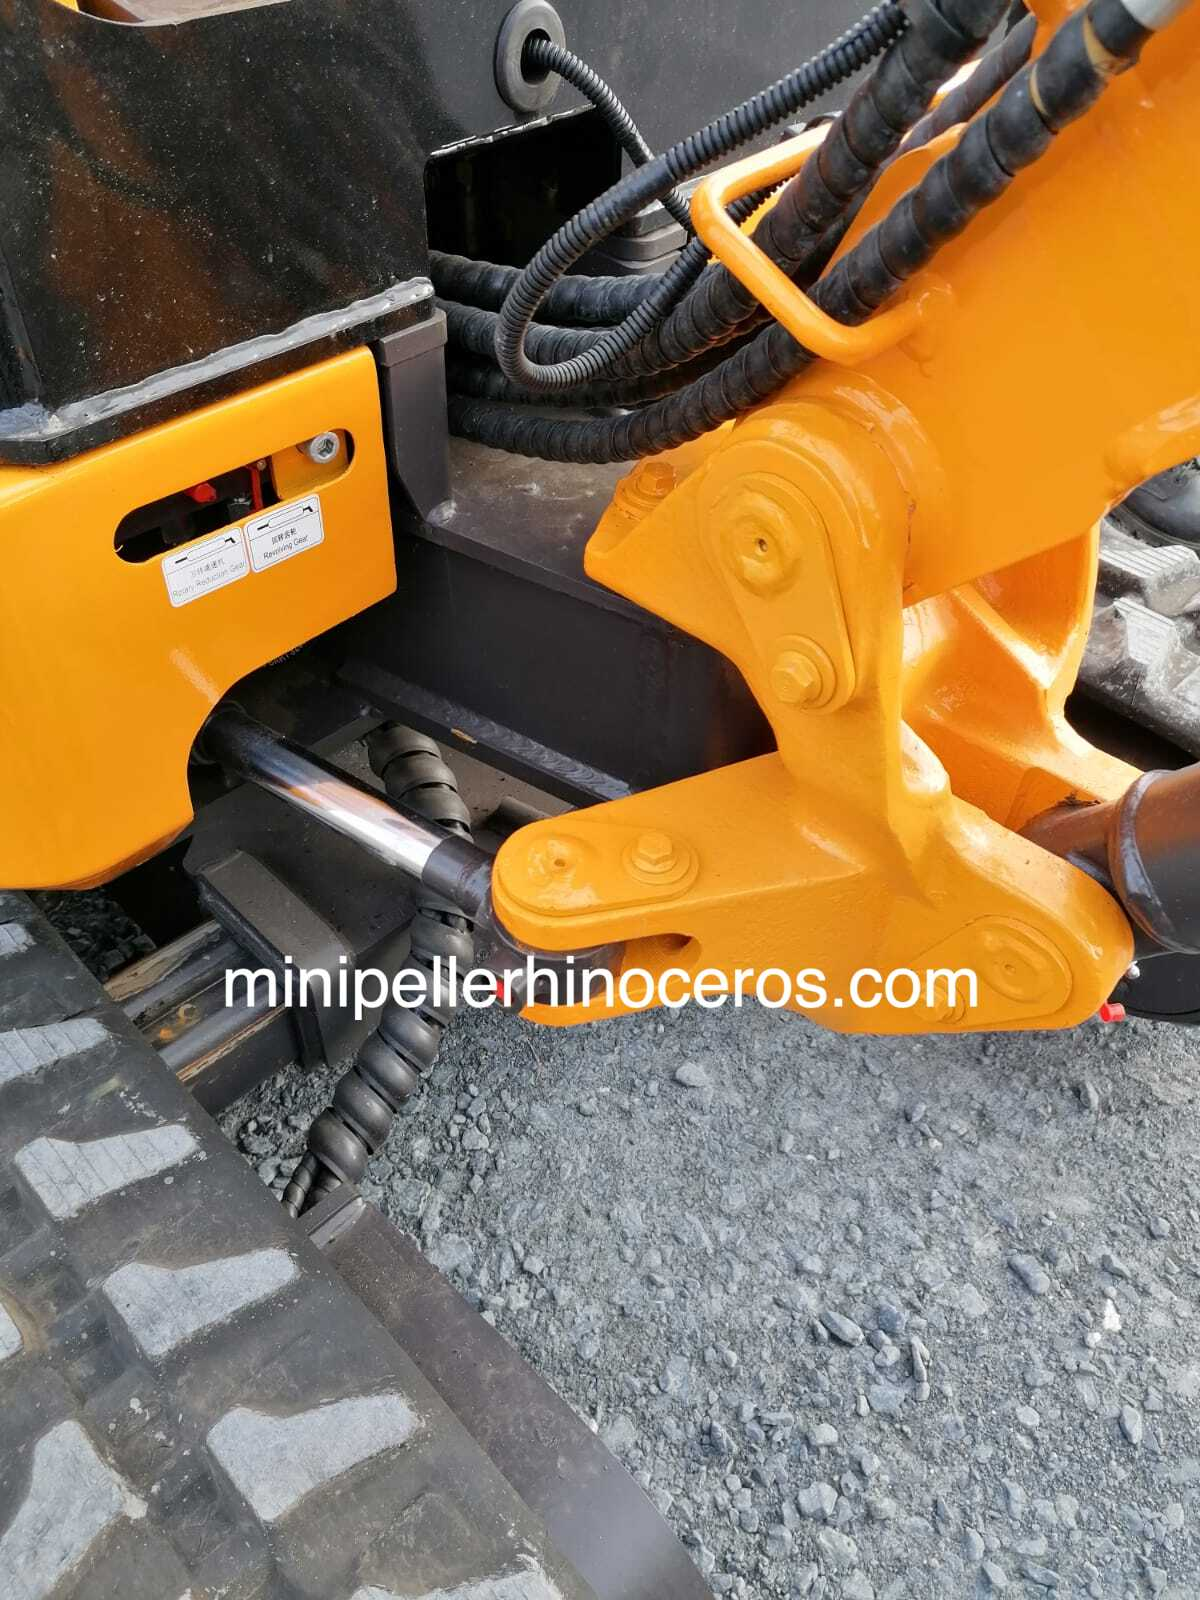 Pied de flèche déportable MINI-PELLE RHINOCEROS XN20